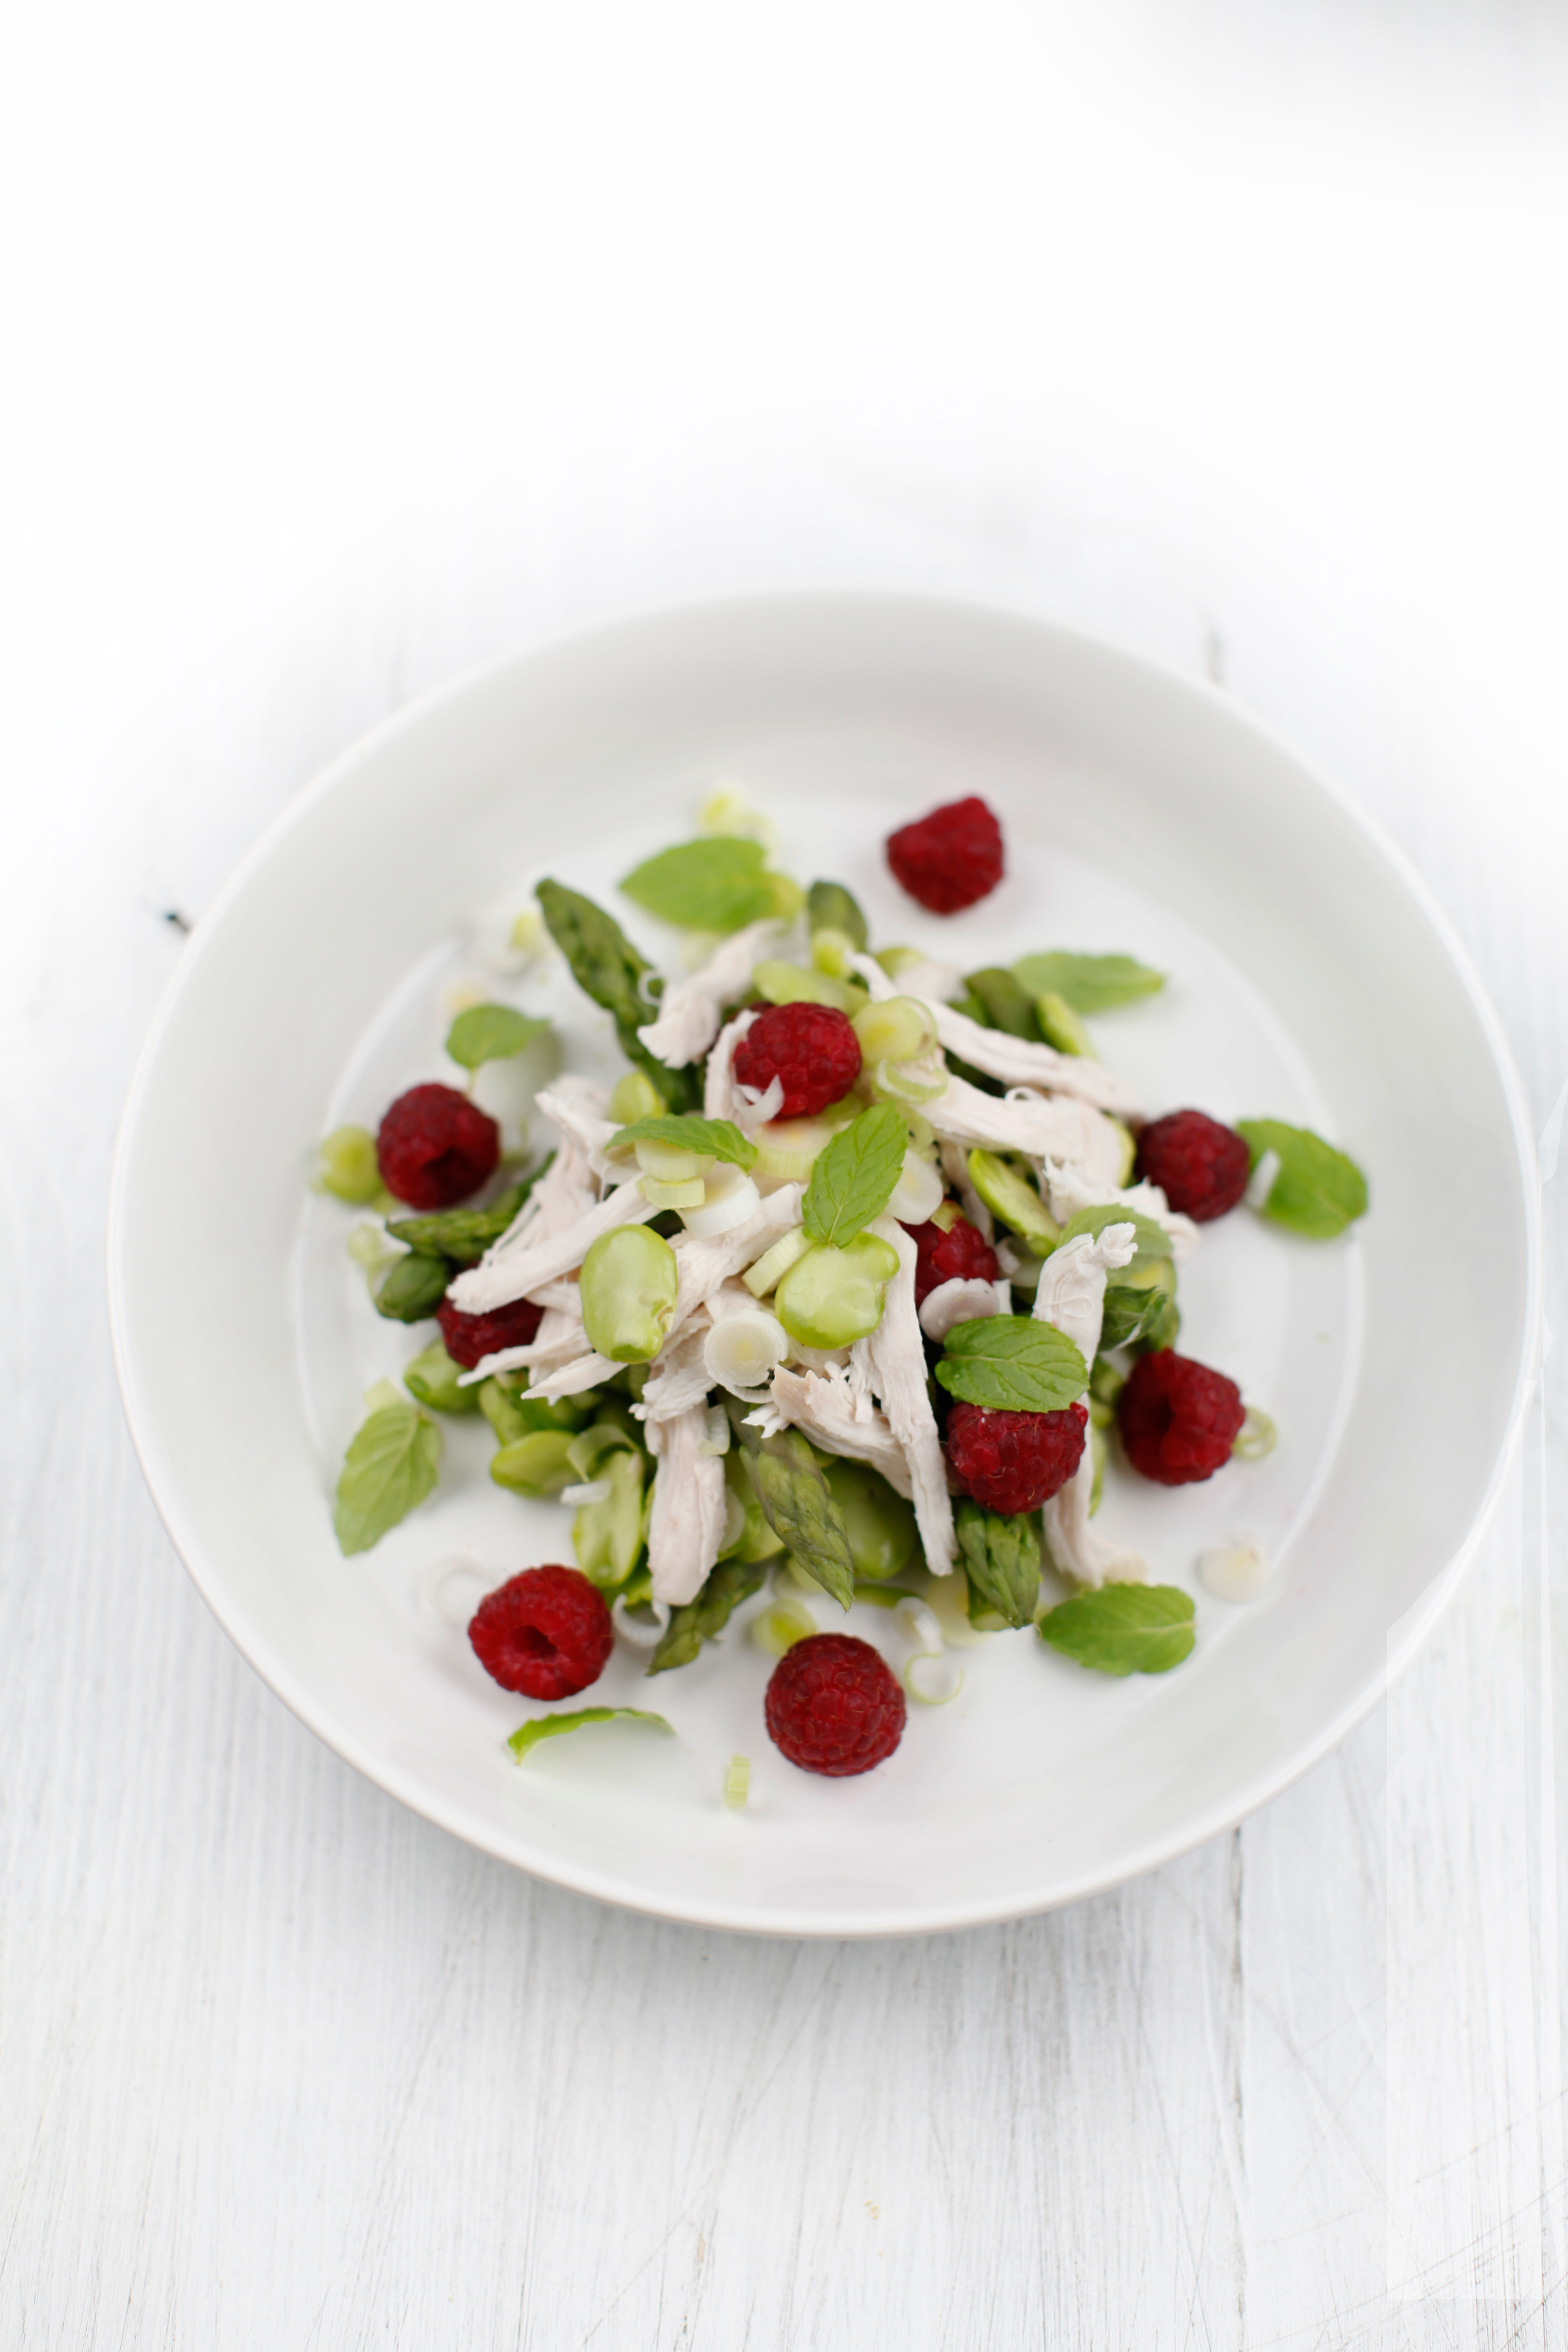 pici-e-castagne-insalata-asparagi-e-lamponi-3